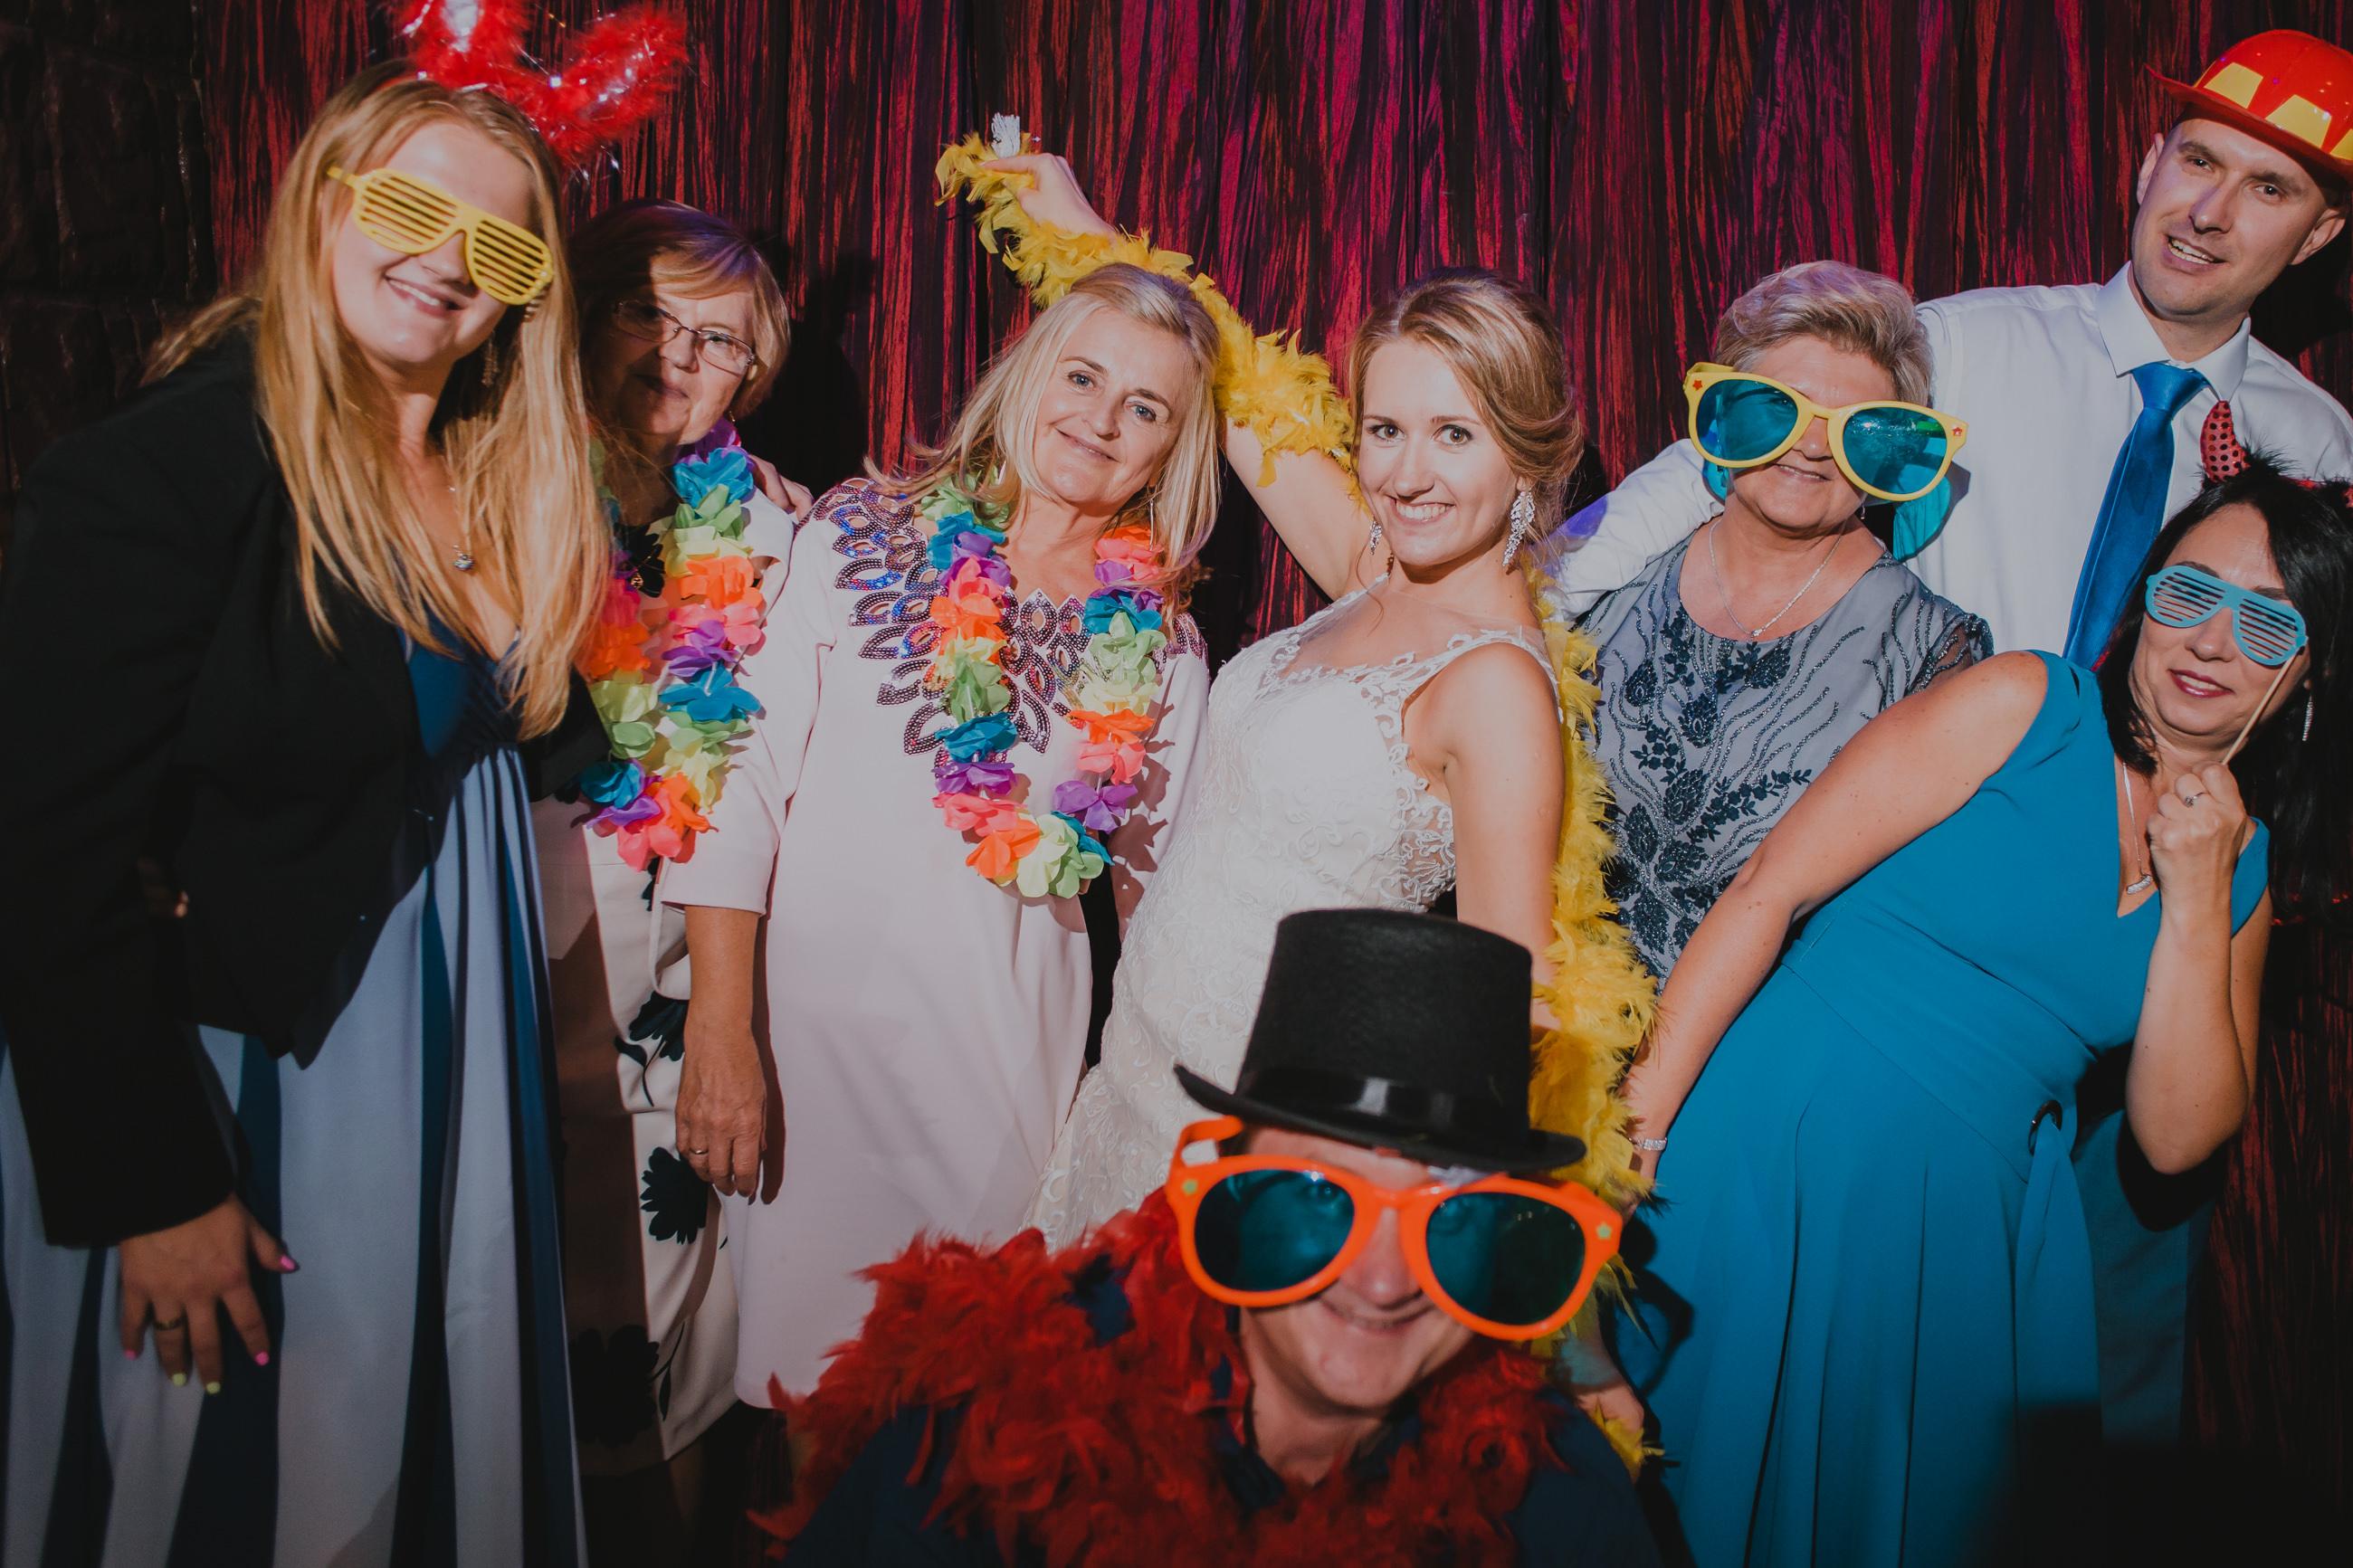 śmieszne zdjęcia na weselu